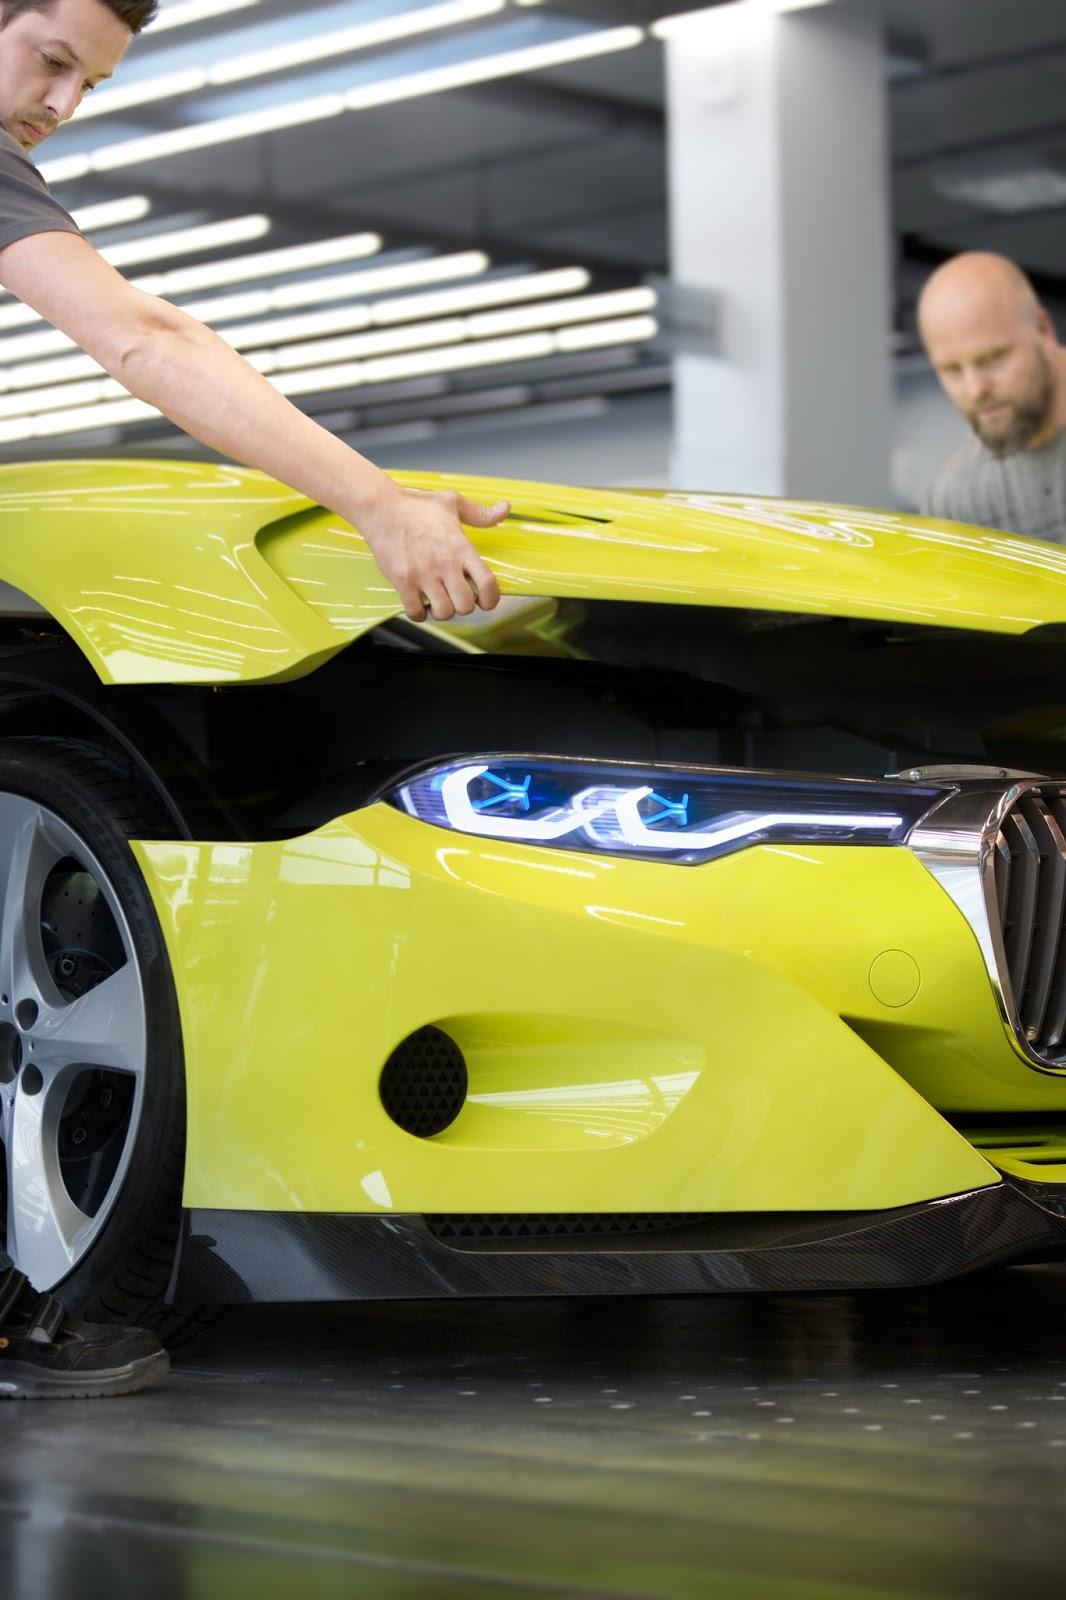 2015 -[BMW] 3.0 CSL Hommage - Page 2 BMW-3-0-CSL-Hommage-6